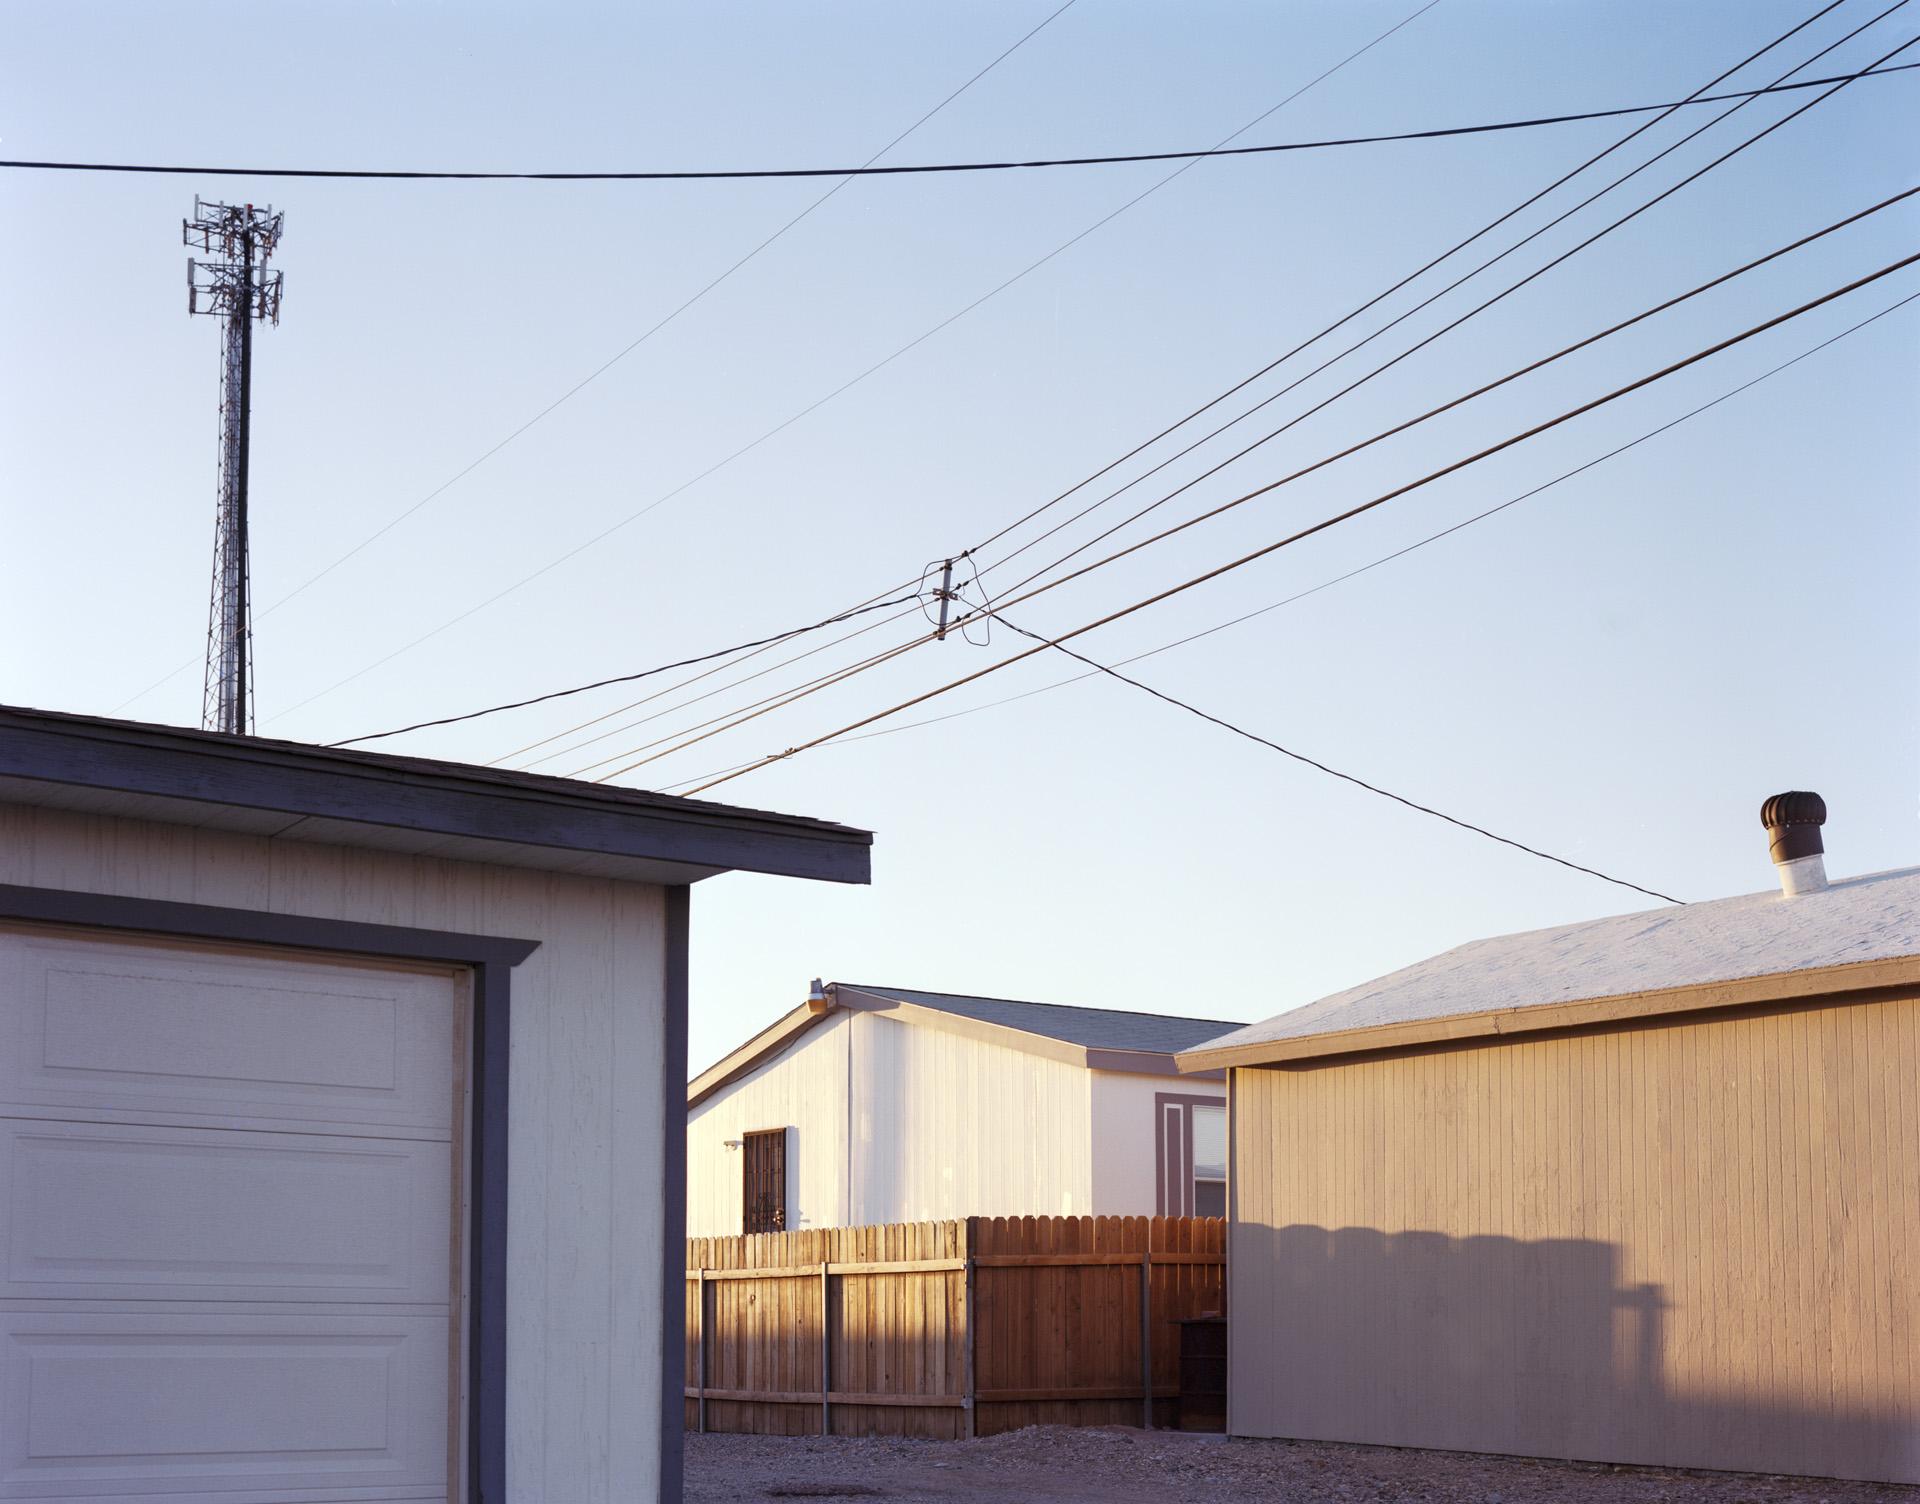 house_at_dusk_bb.jpg